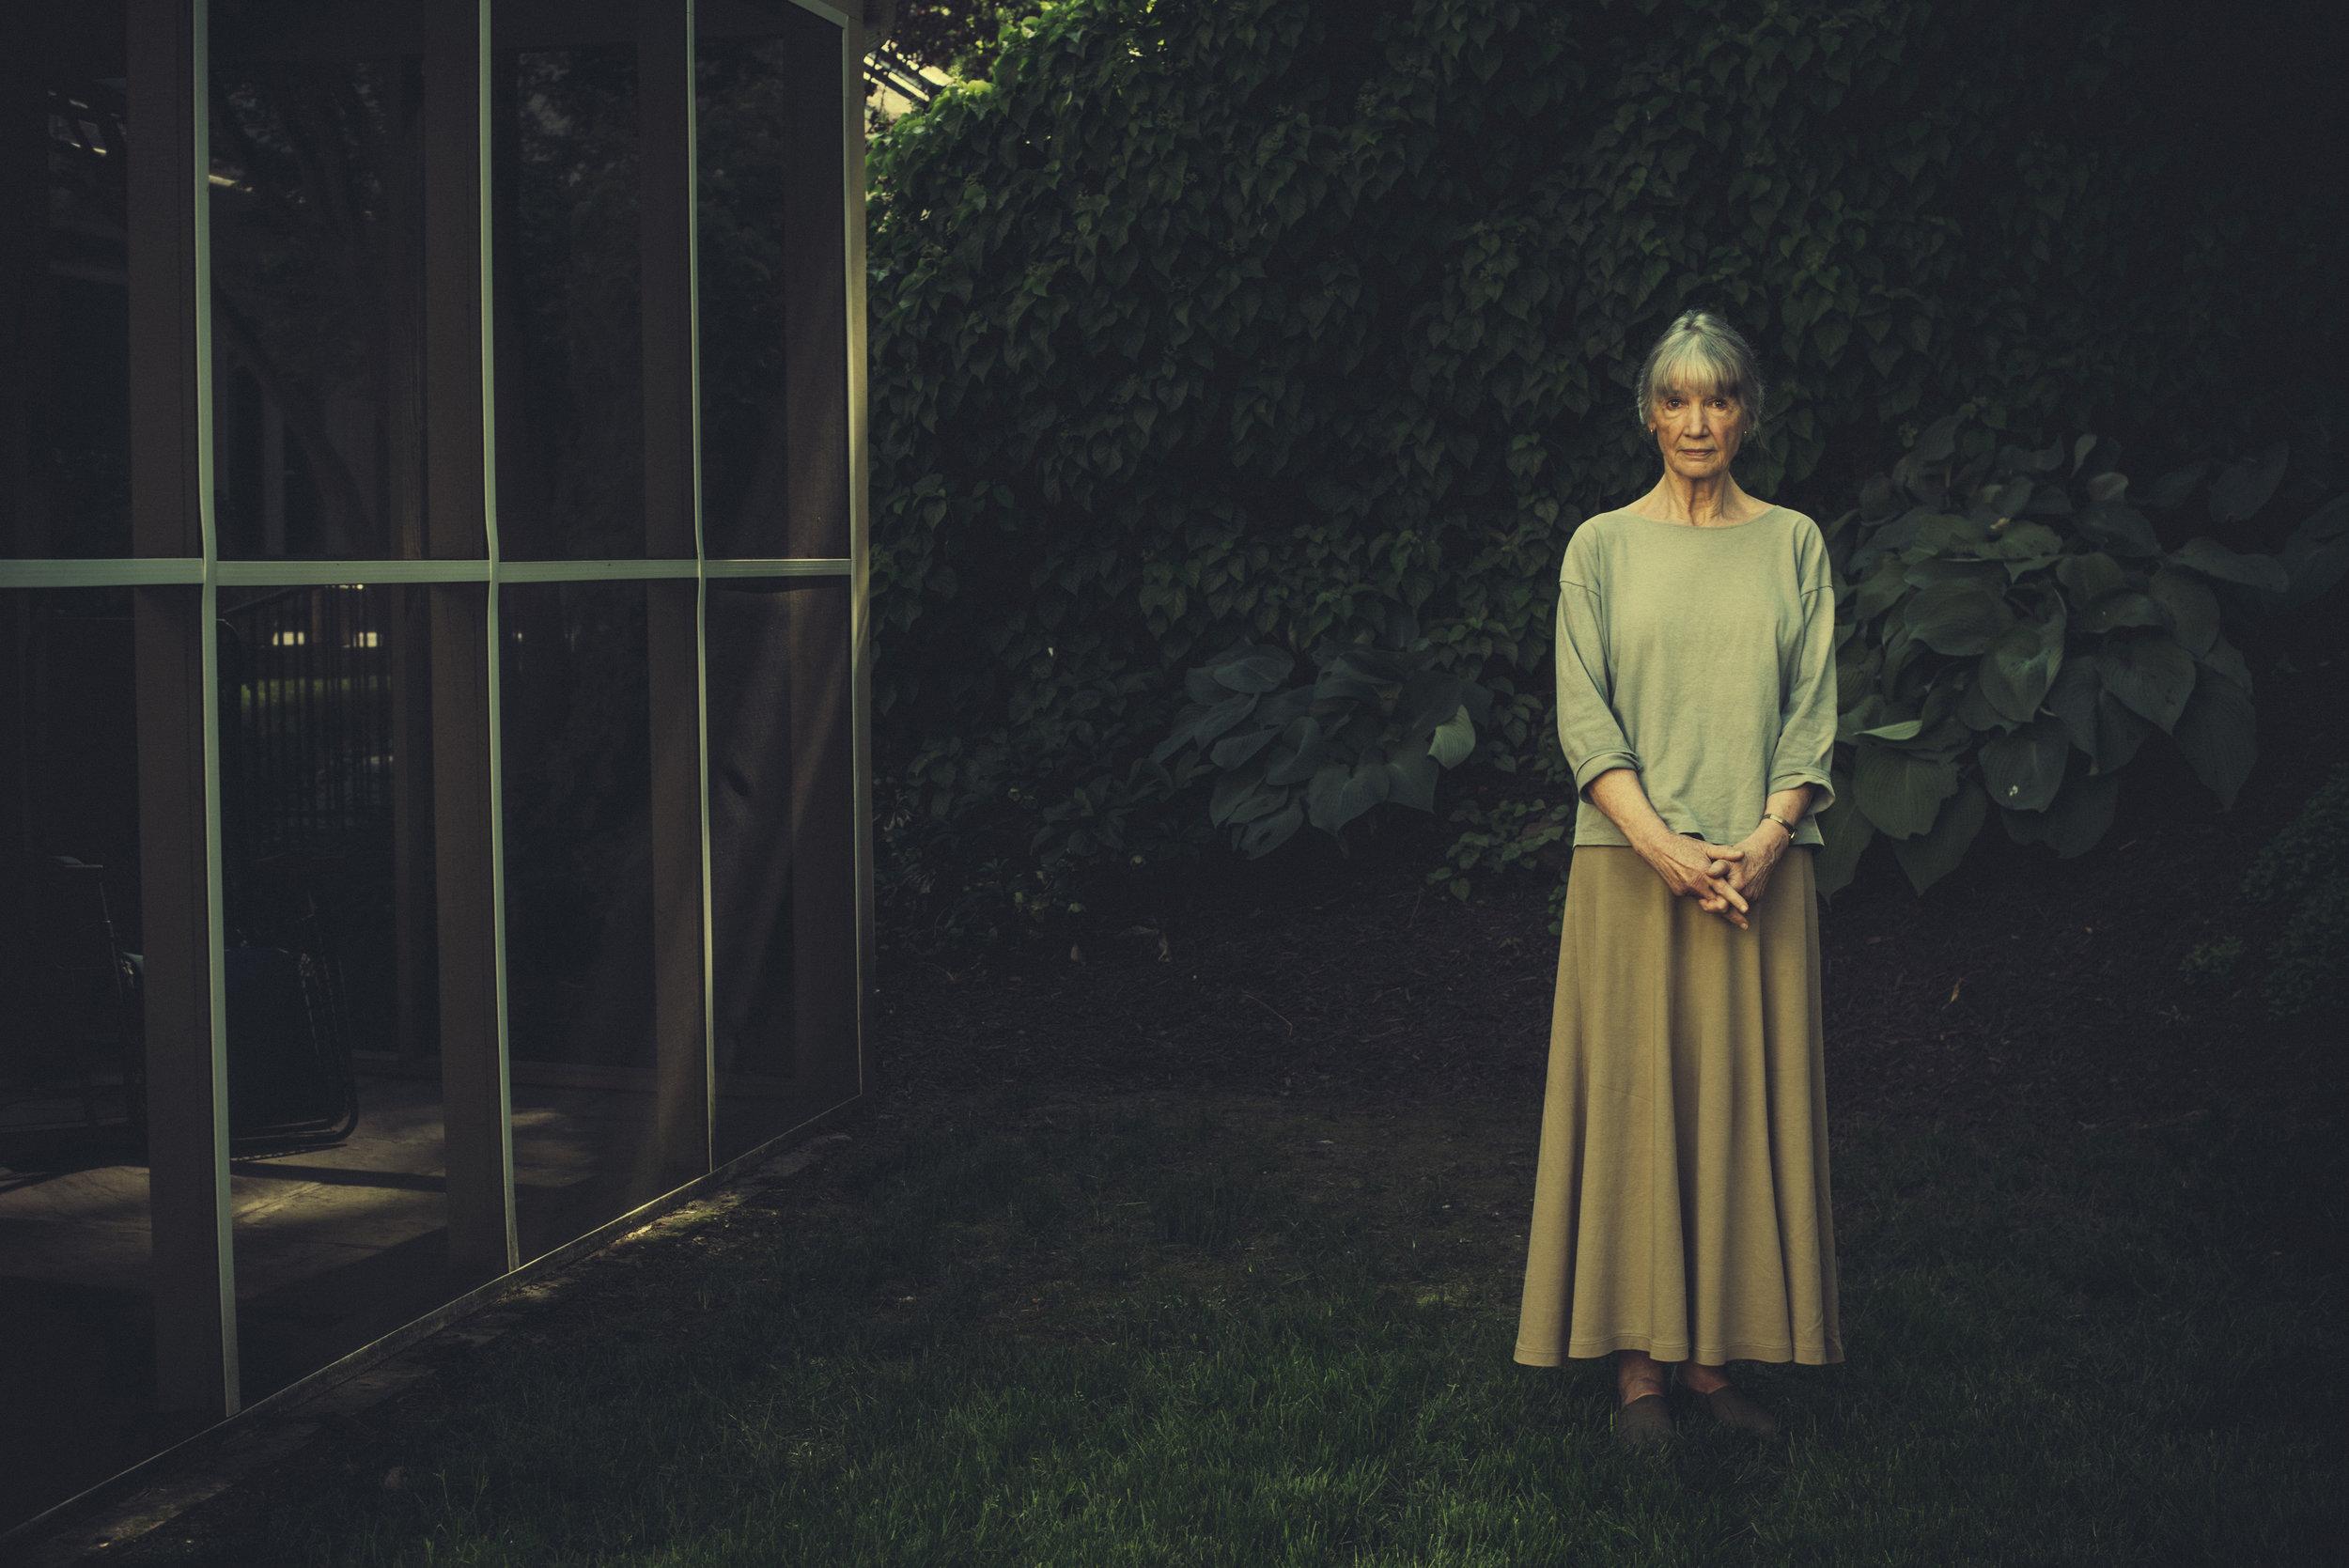 Writer Anne Tyler